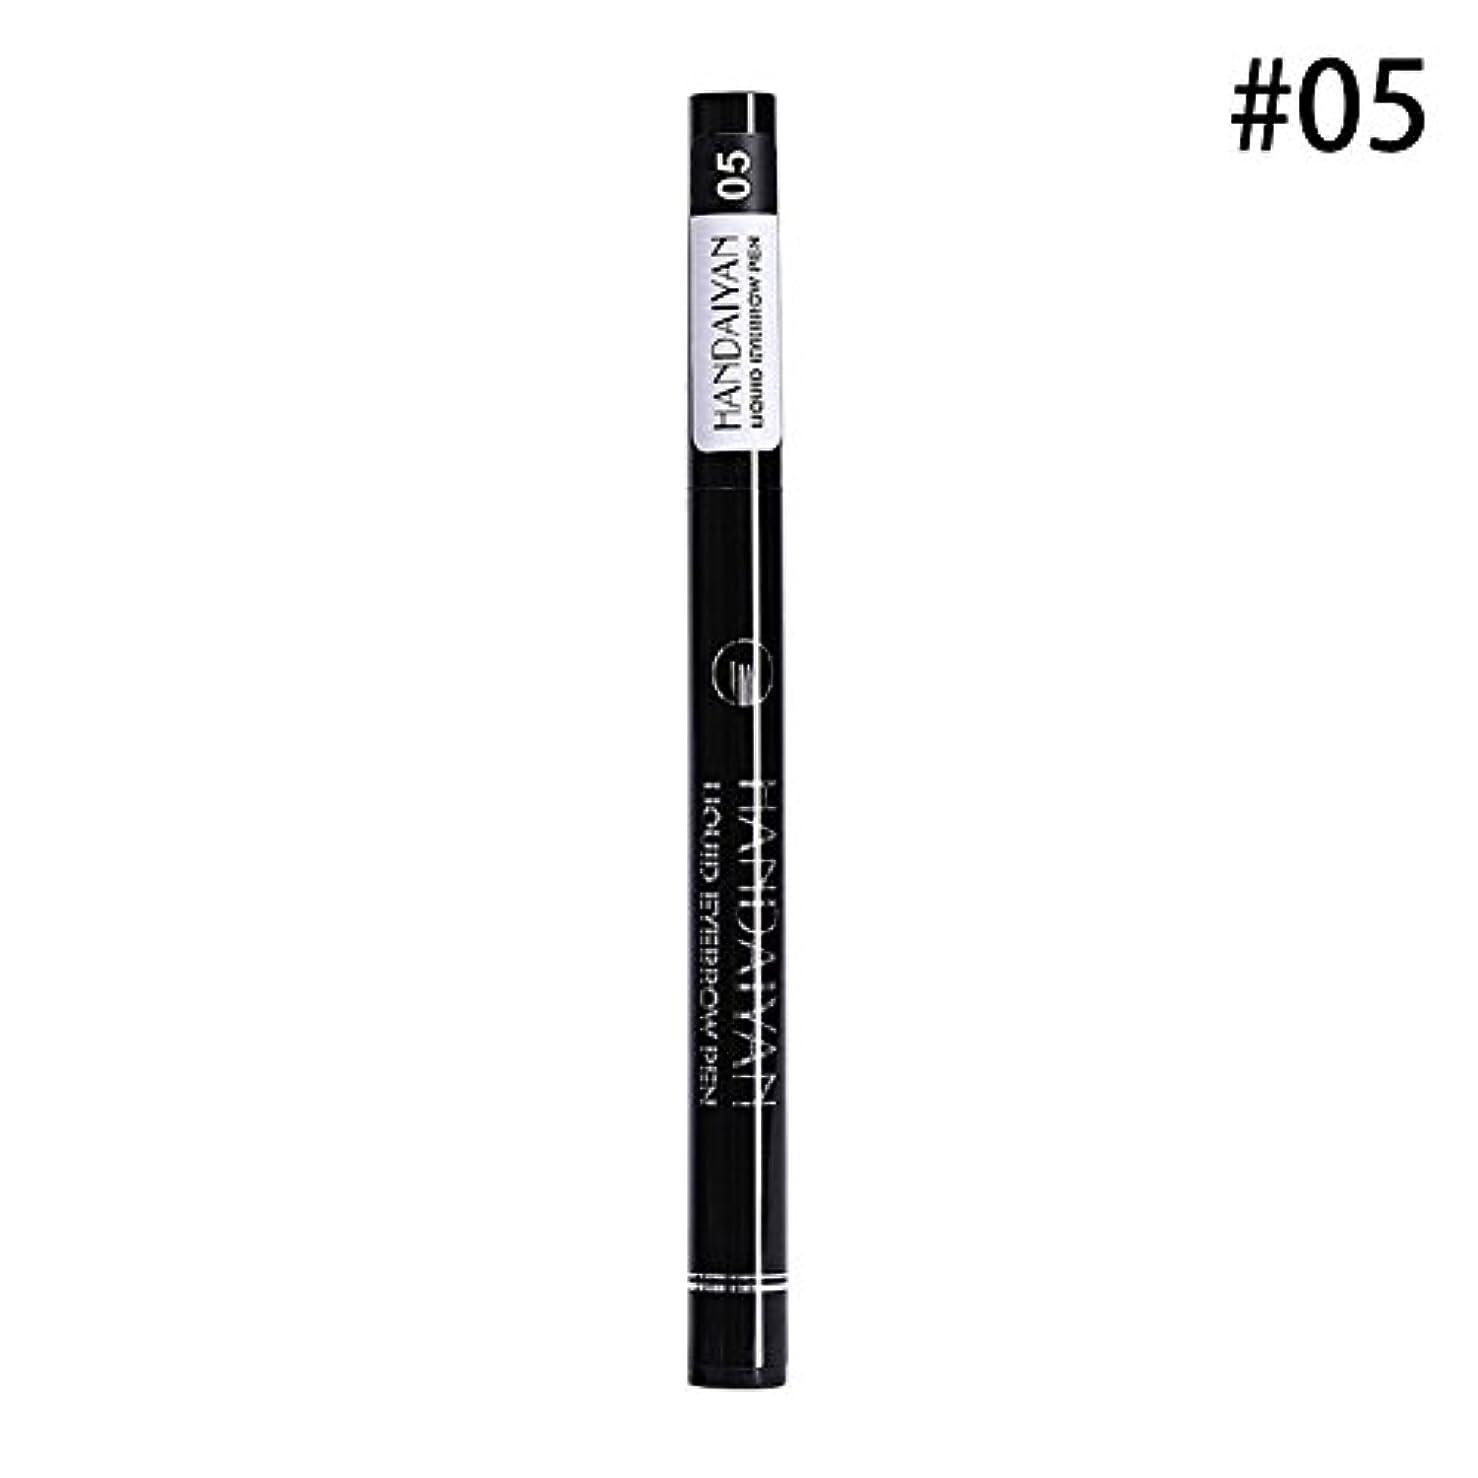 環境フォージ間欠眉ペンシル アイブロウ鉛筆 四フォーク 眉ペンシルリキッド とても良い マイクロカービング 眉ペンシル   4頭 防水